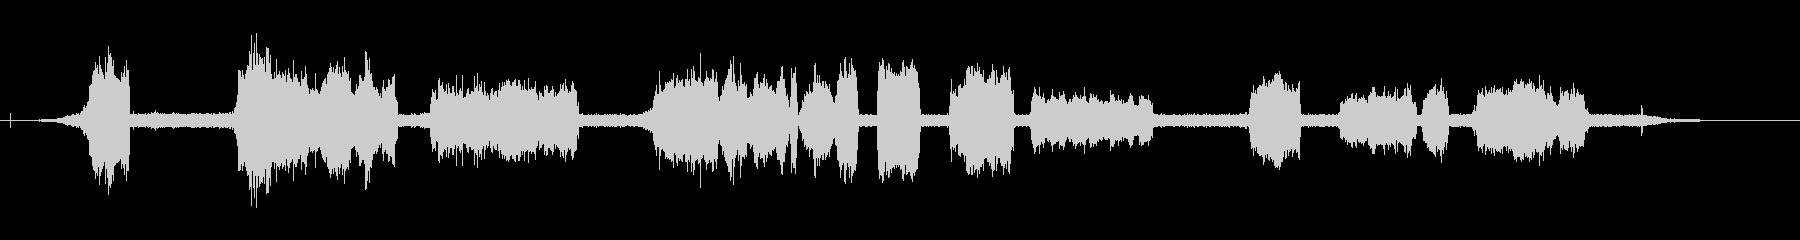 電動ベンチグラインダー:開始、ワイ...の未再生の波形